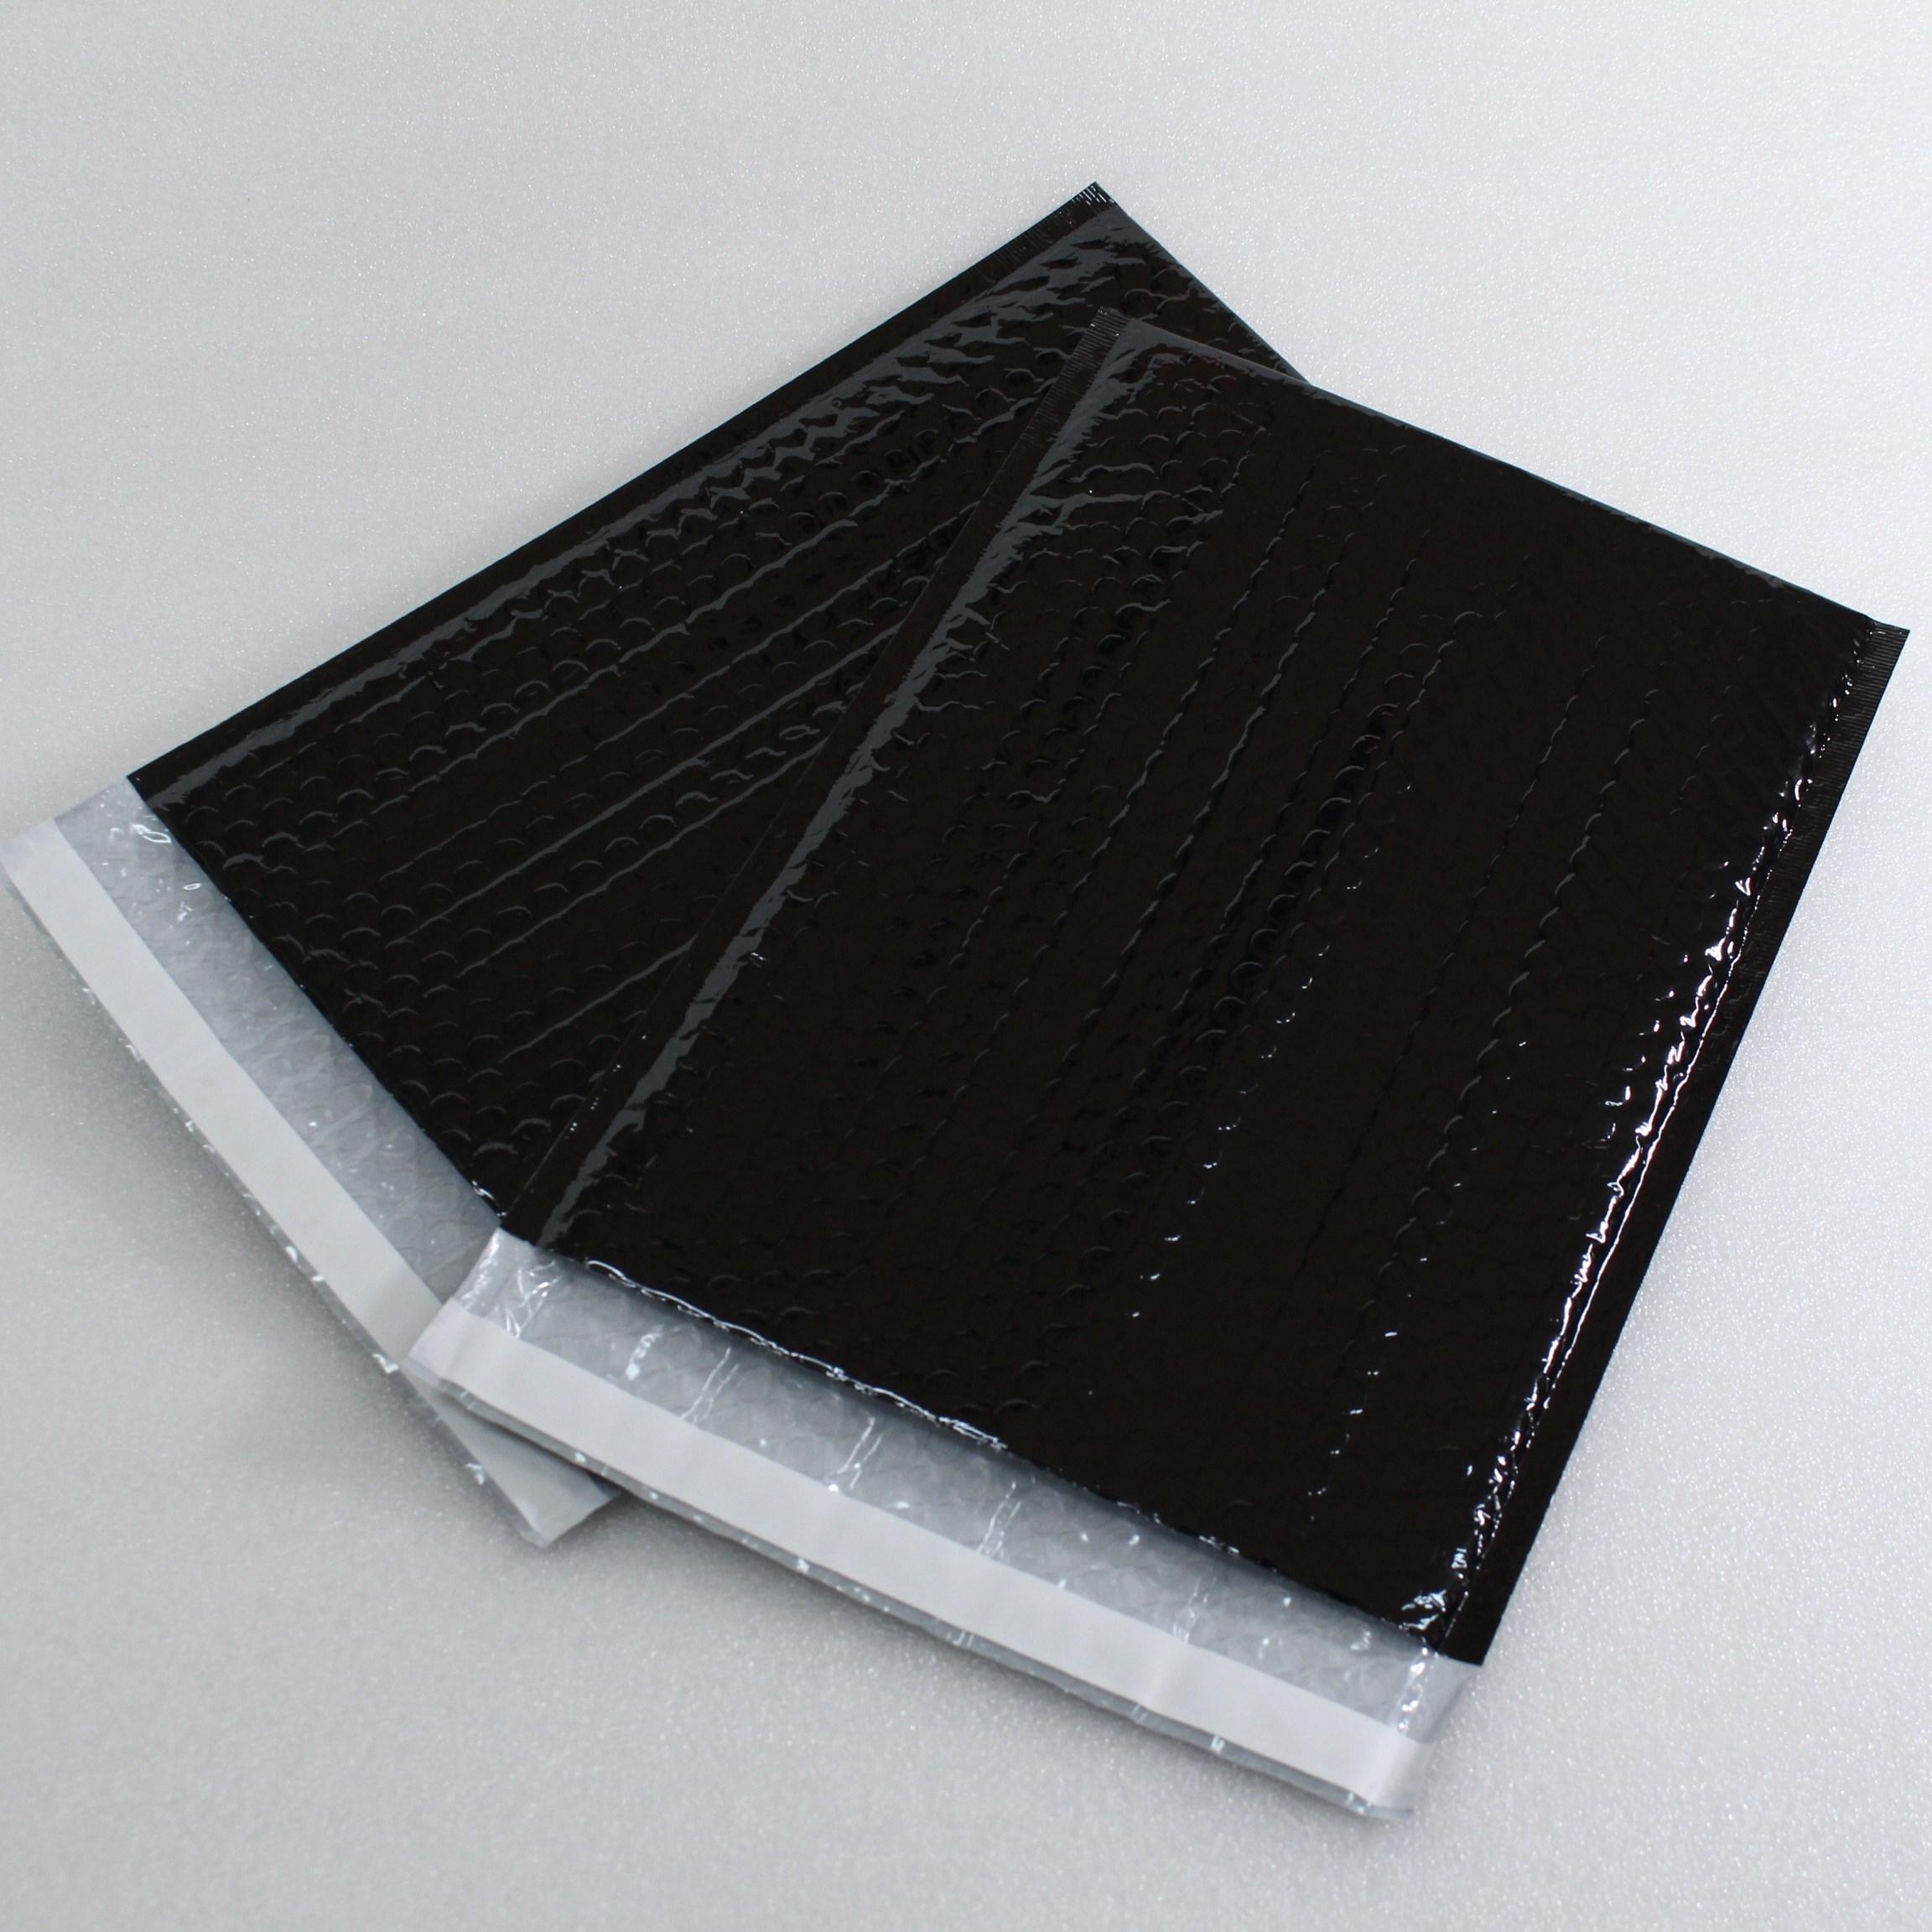 하나 PET 안전봉투 에어캡봉투 뽁뽁이봉투 택배봉투 블랙, 100매